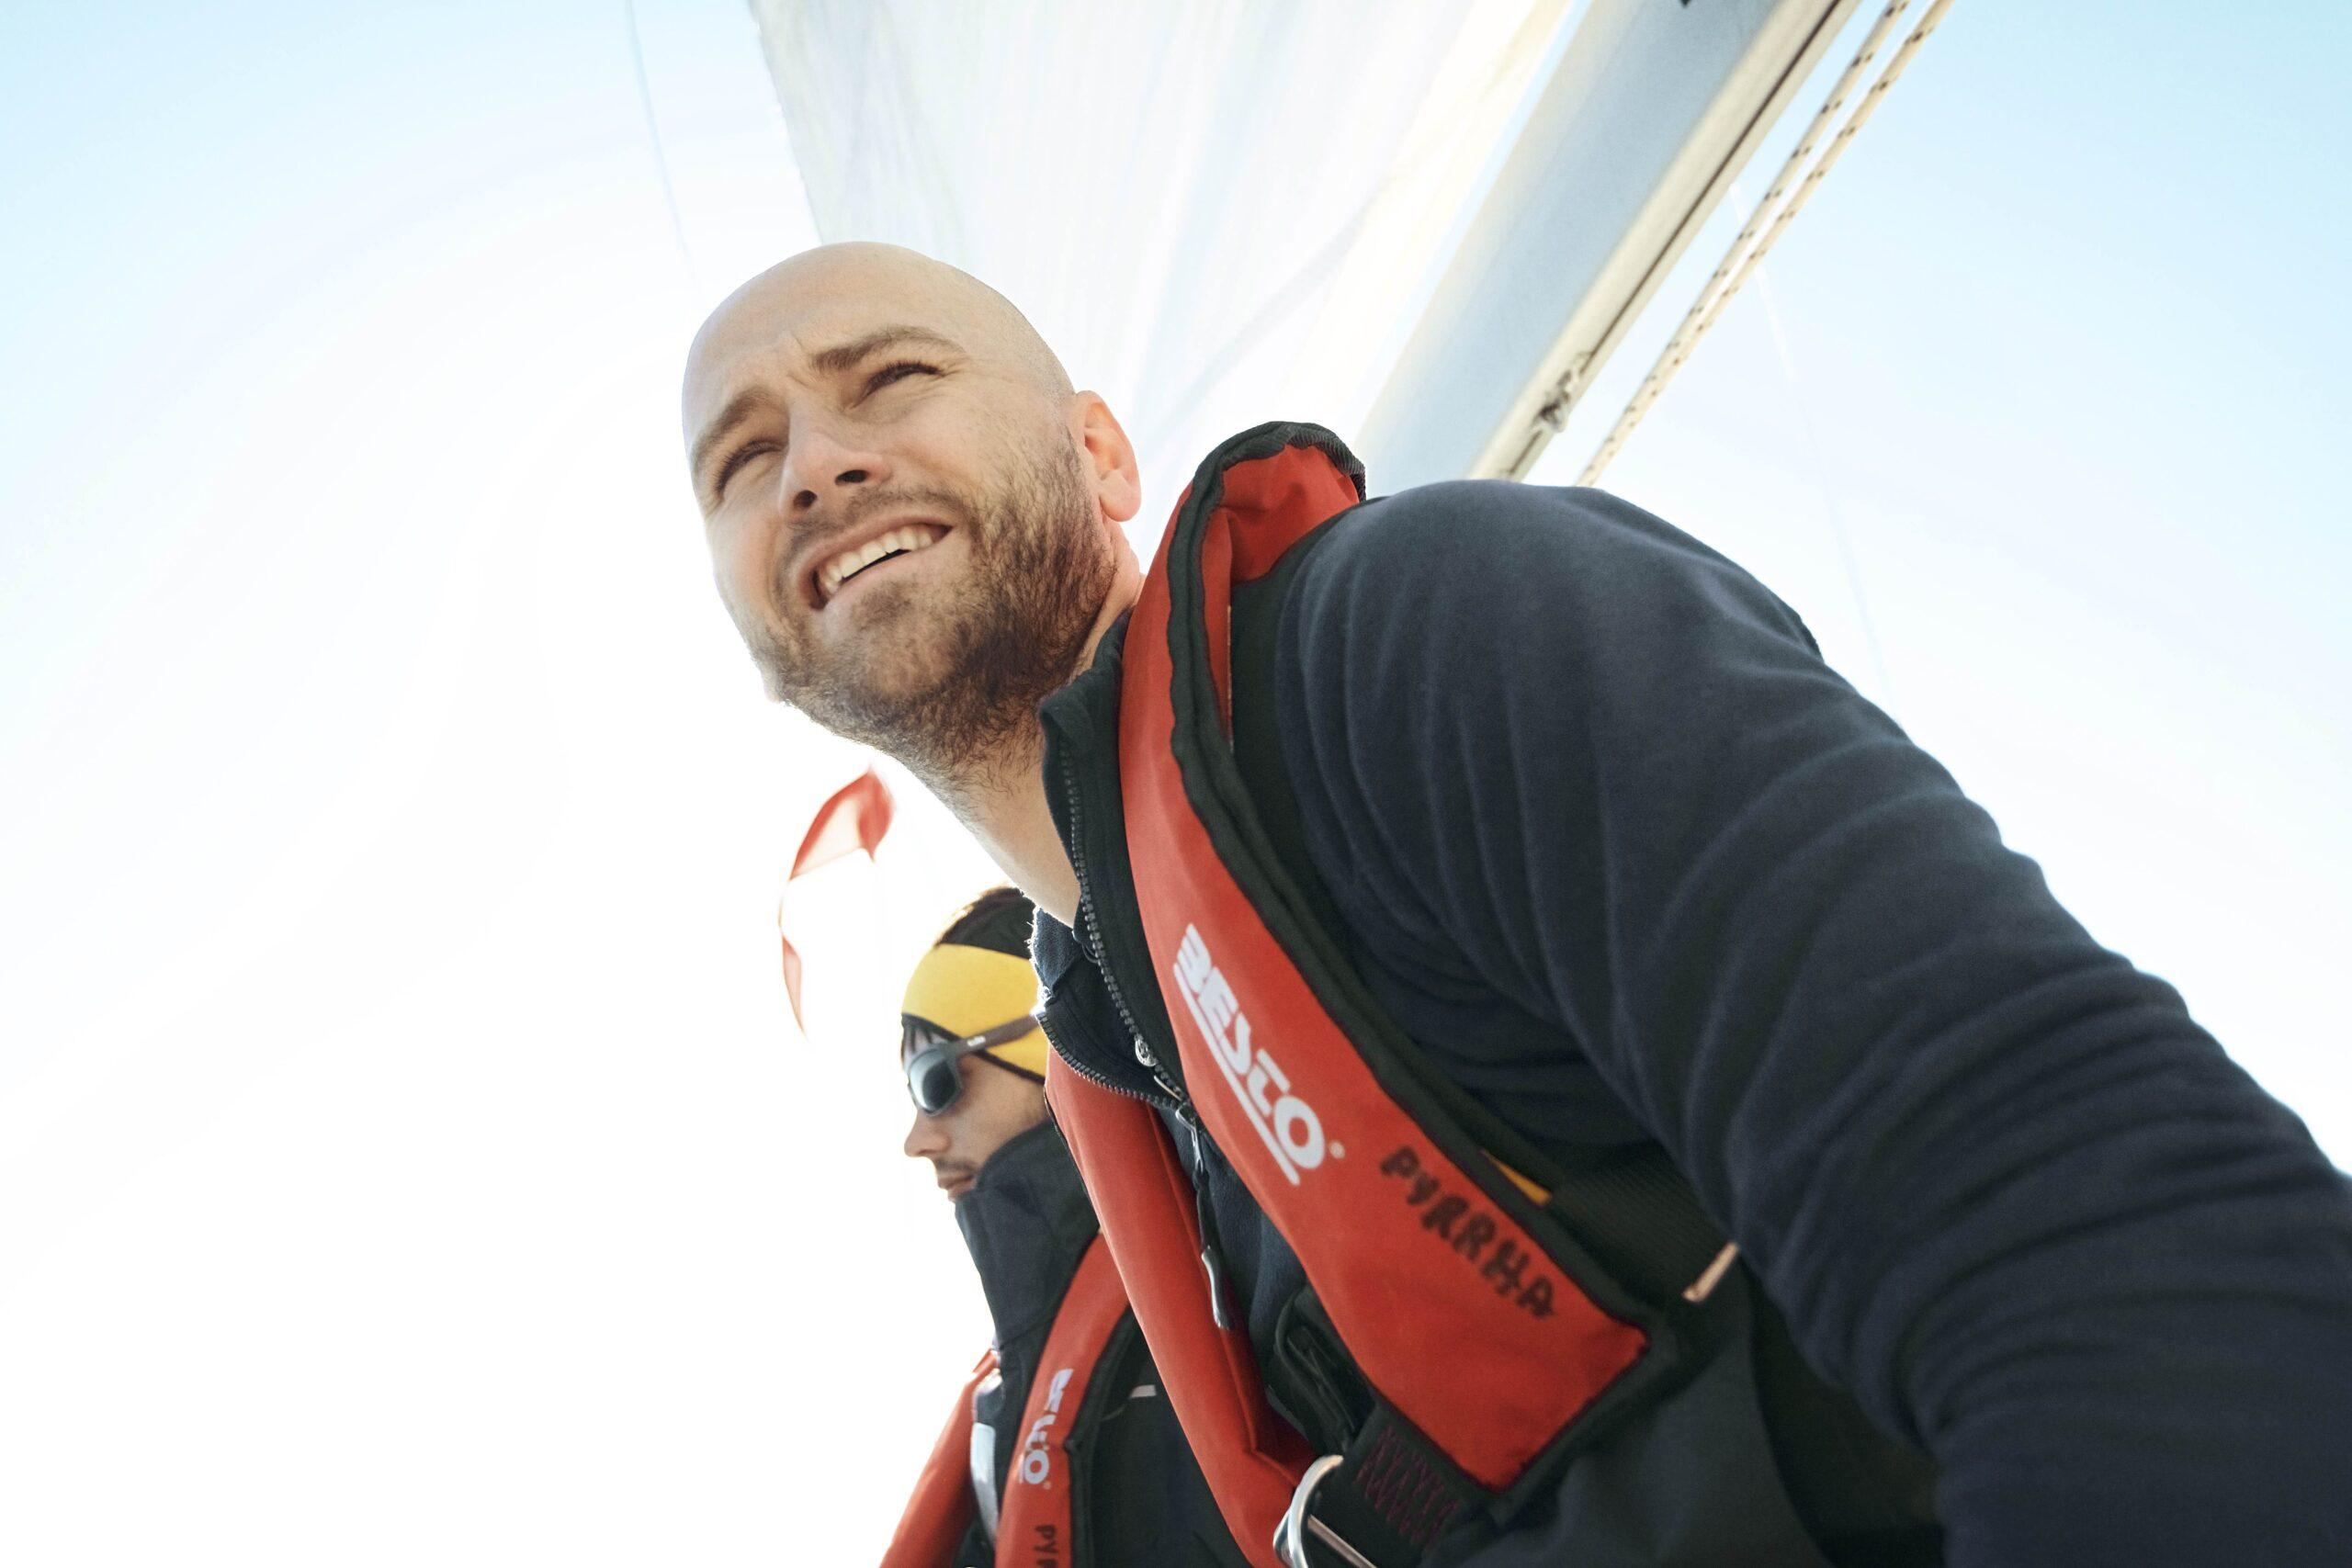 Андрей Иванов: «Яхтинг – это стиль жизни, а не олигархи в мокасинах на босую ногу».Вокруг Света. Украина